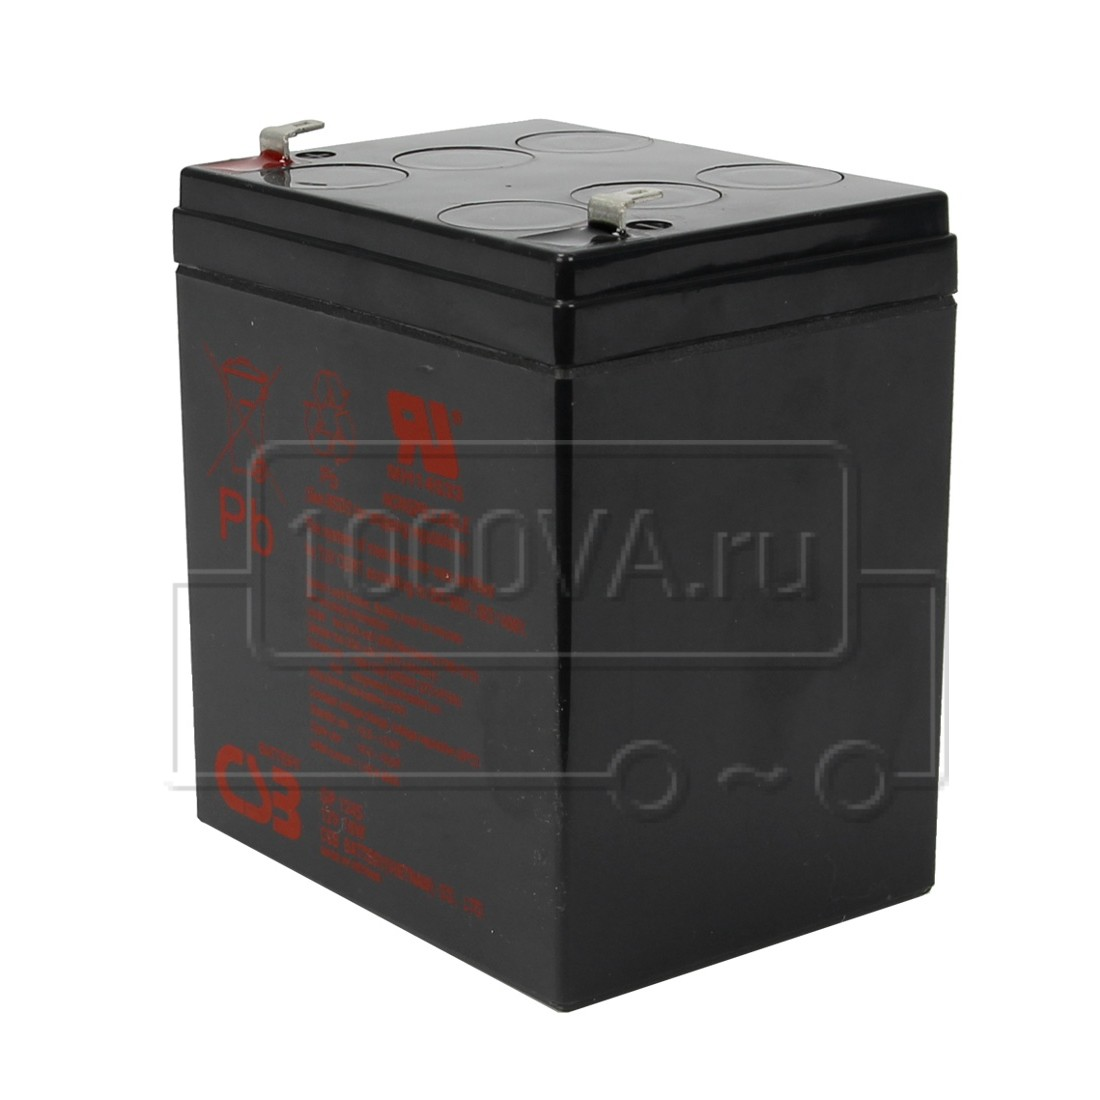 Купить аккумулятор CSB GP 1245 по выгодной цене - www.1000va.ru